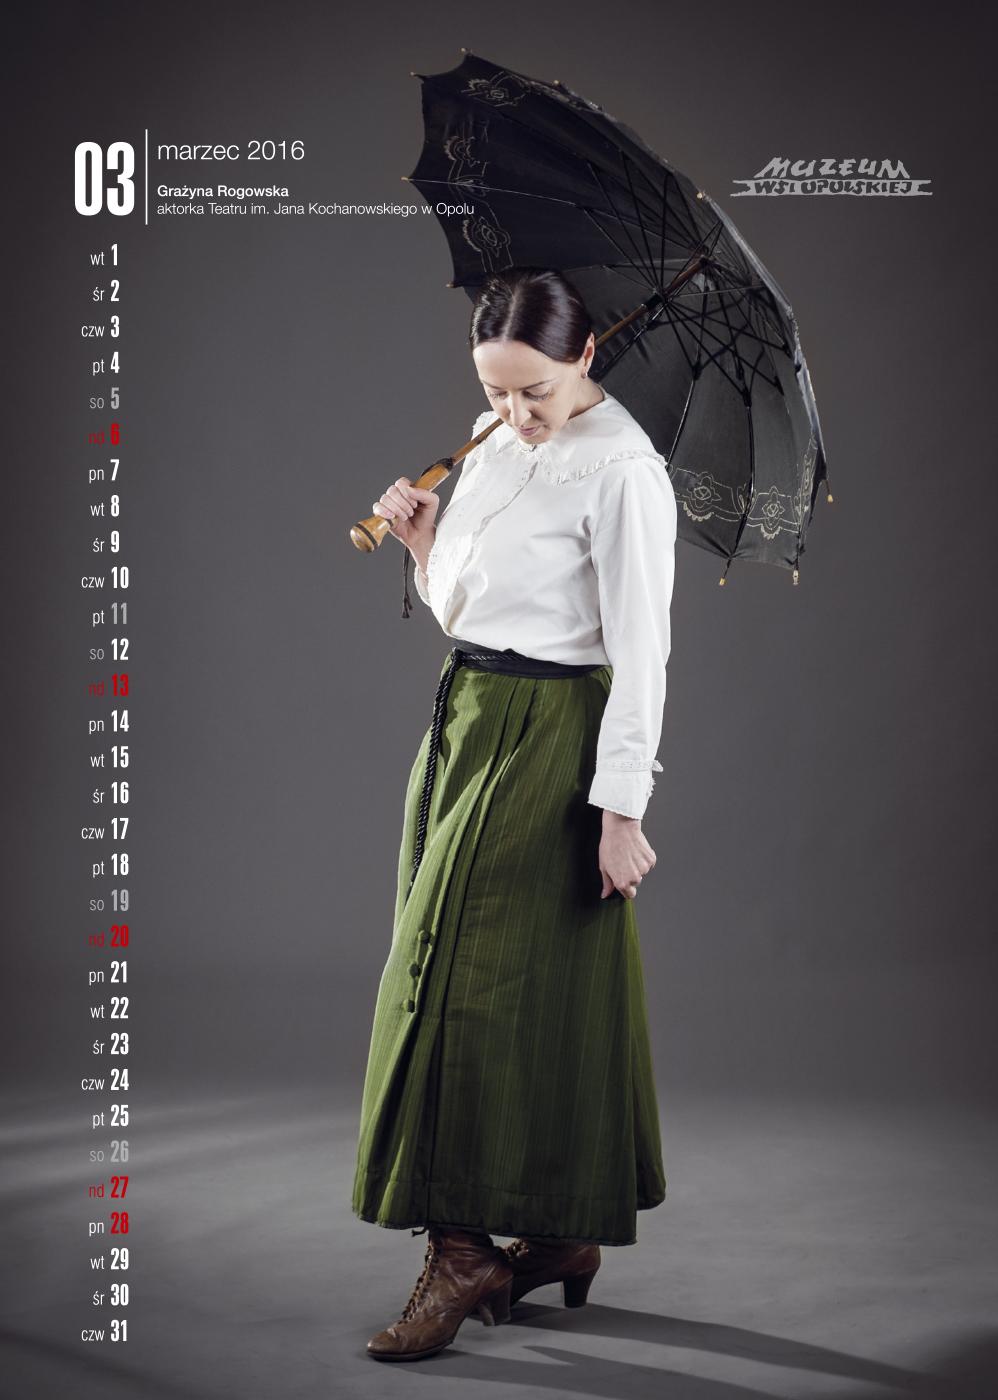 kalendarz-druk-4